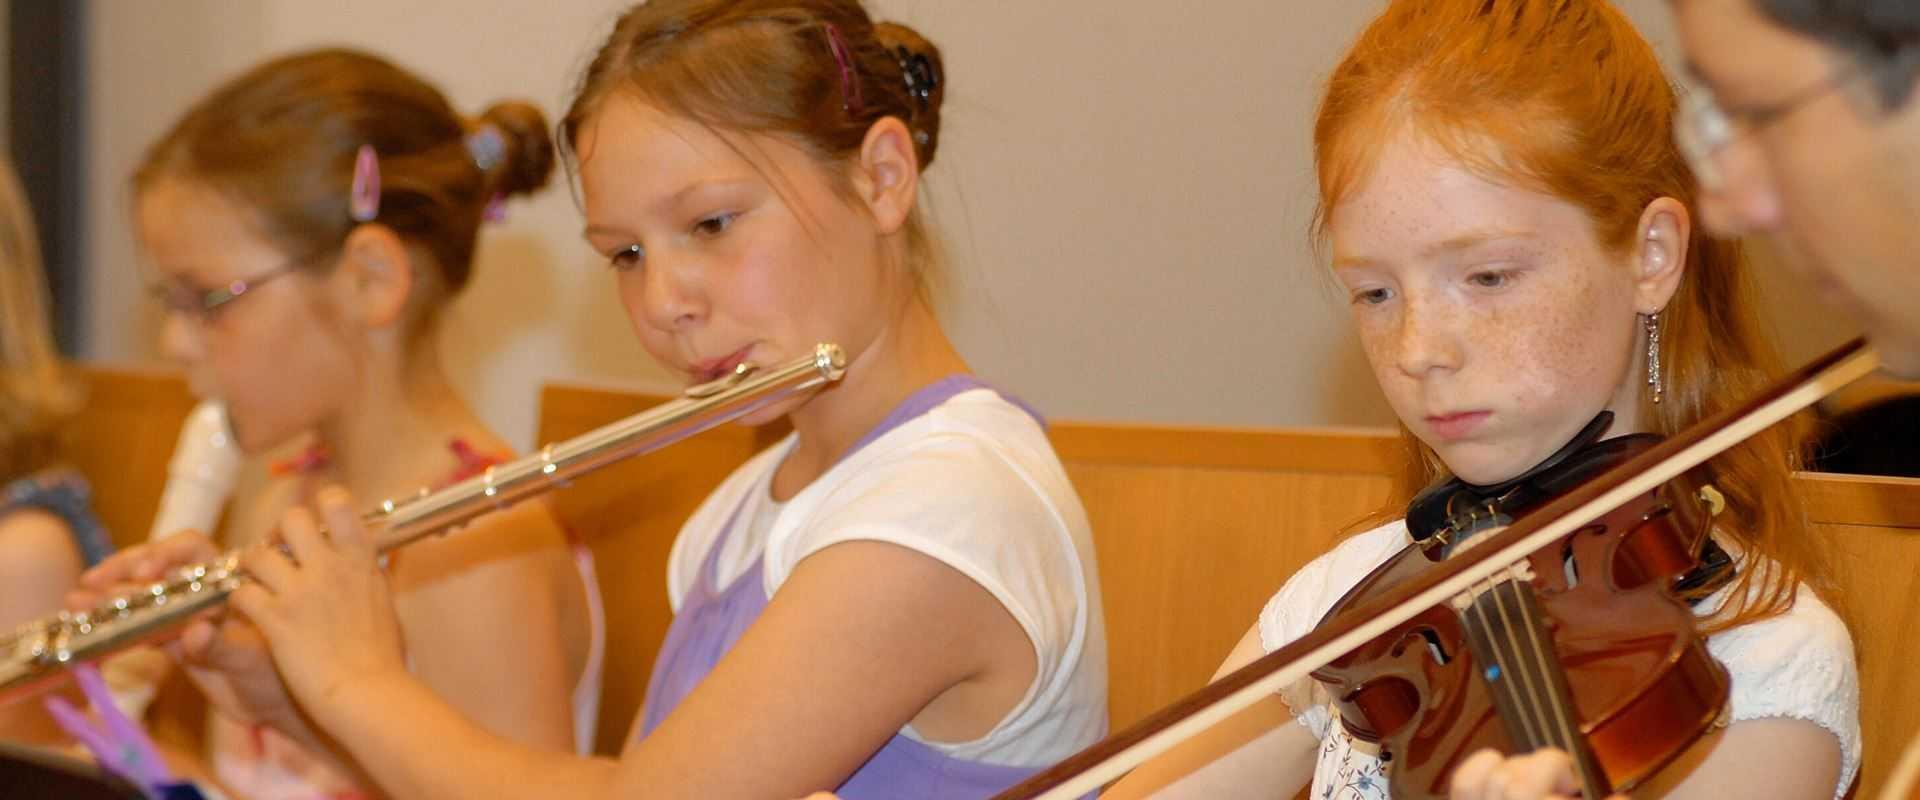 Geigen- und Querflötenunterricht in der Musikschule Bertheau & Morgenstern